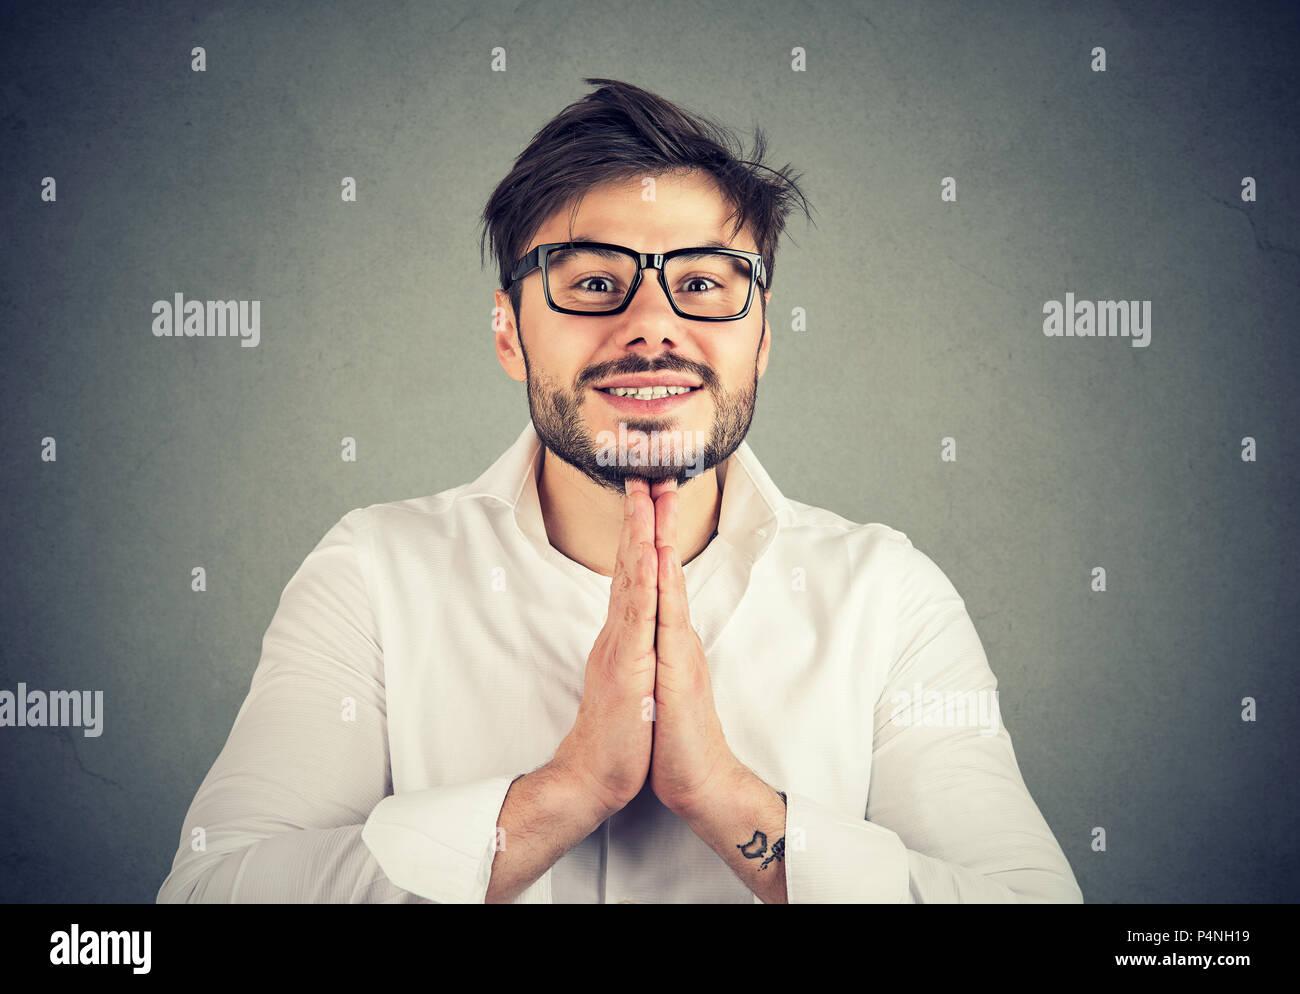 Chico joven con barba y gafas en las manos de la camisa junto a la mendicidad y gestos pidiendo su gracia sobre fondo gris Imagen De Stock